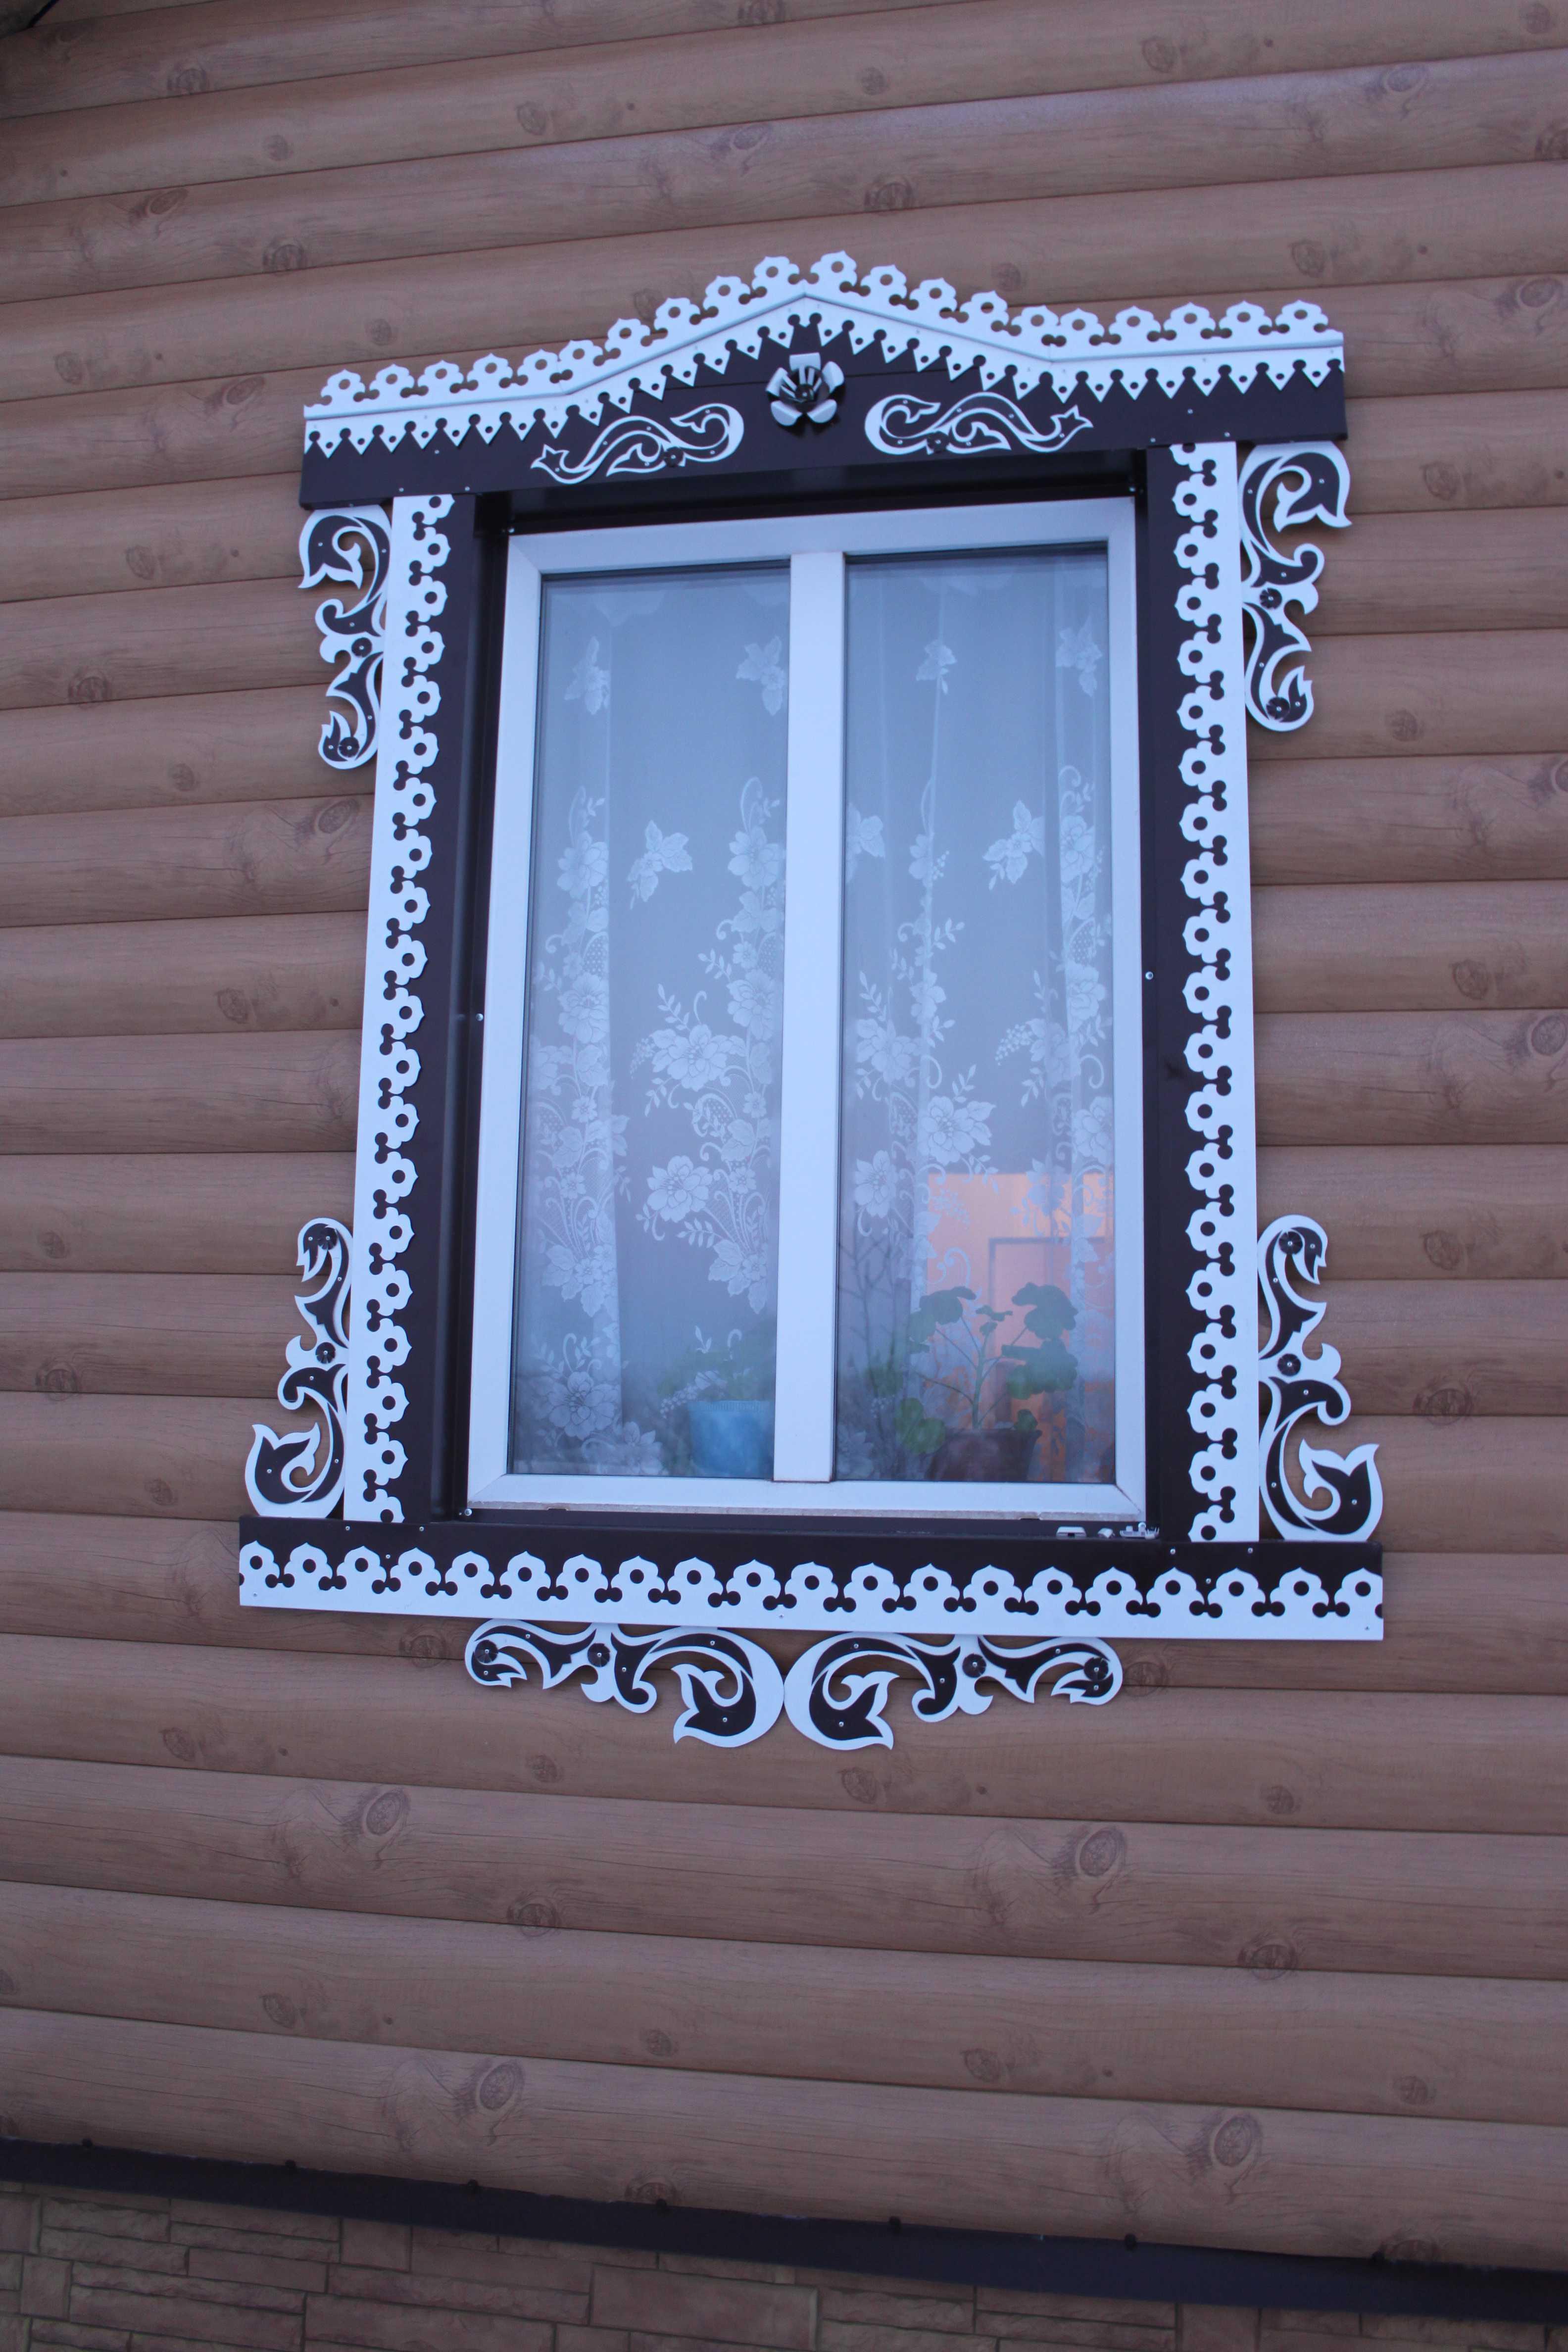 Шаблоны резных наличников на окна чертежи, рисунки, эскизы 51